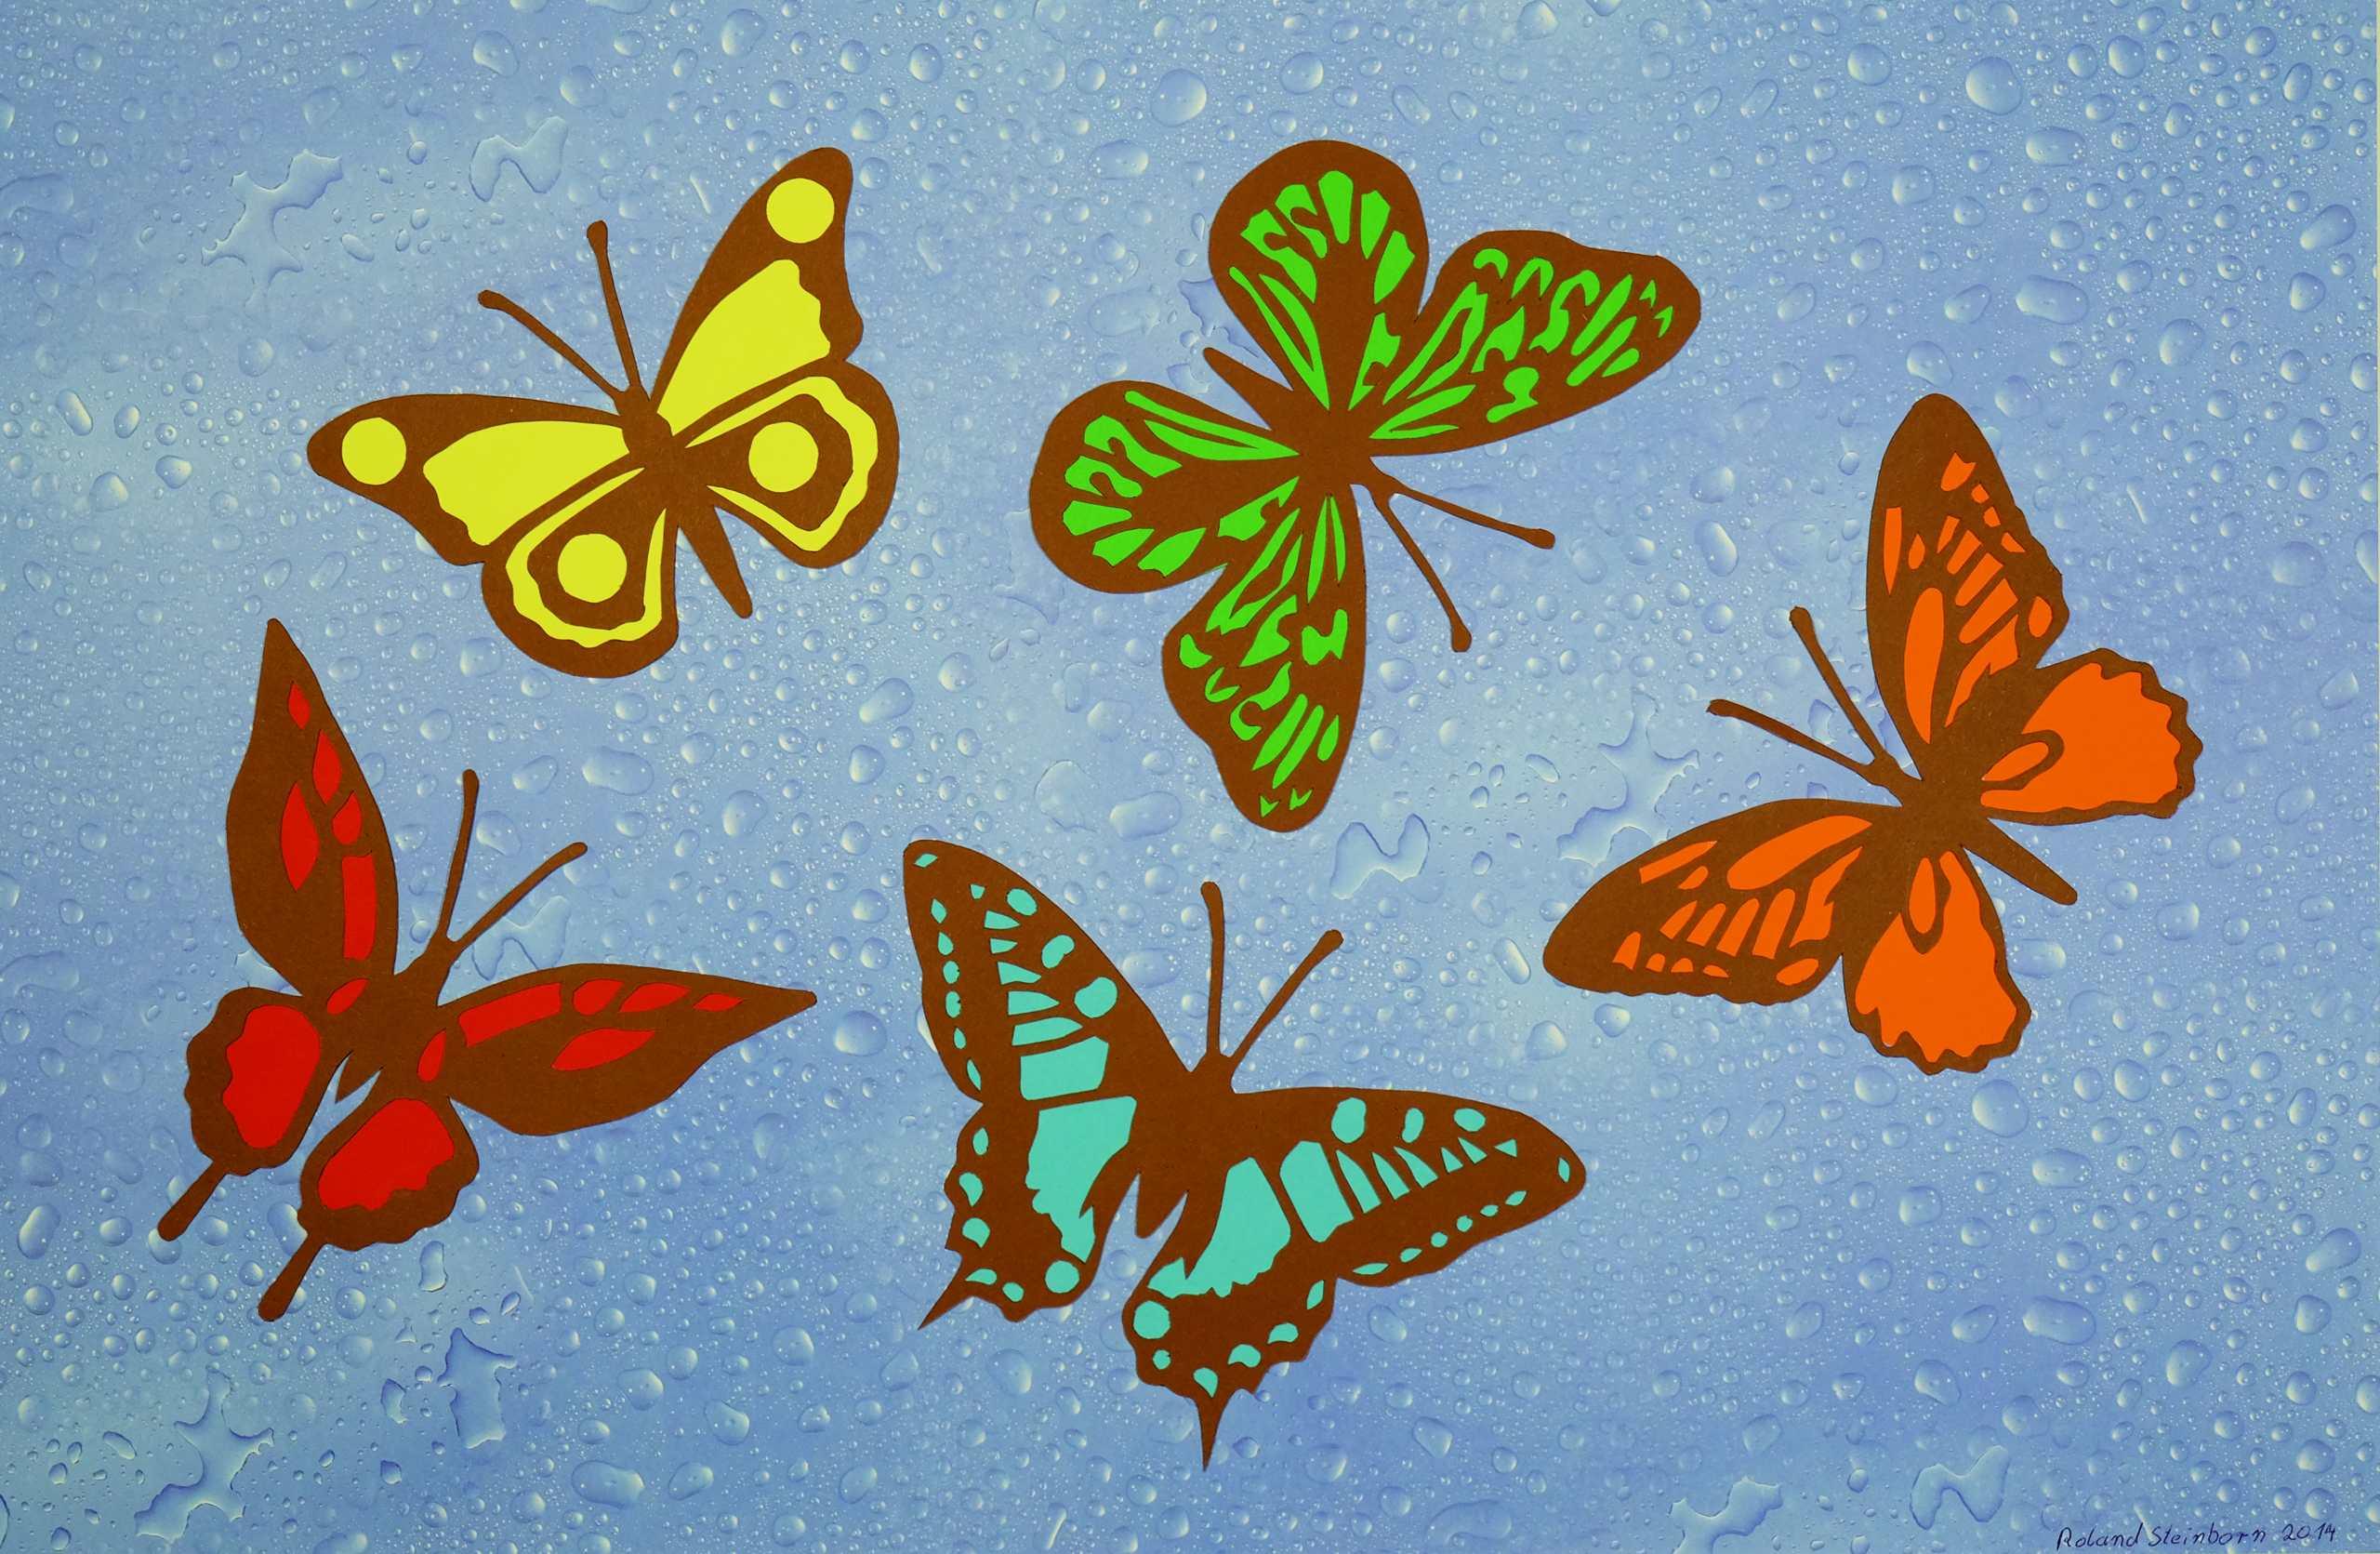 Scherenschnitt Schmetterlinge auf Wasser von Roland Steinborn